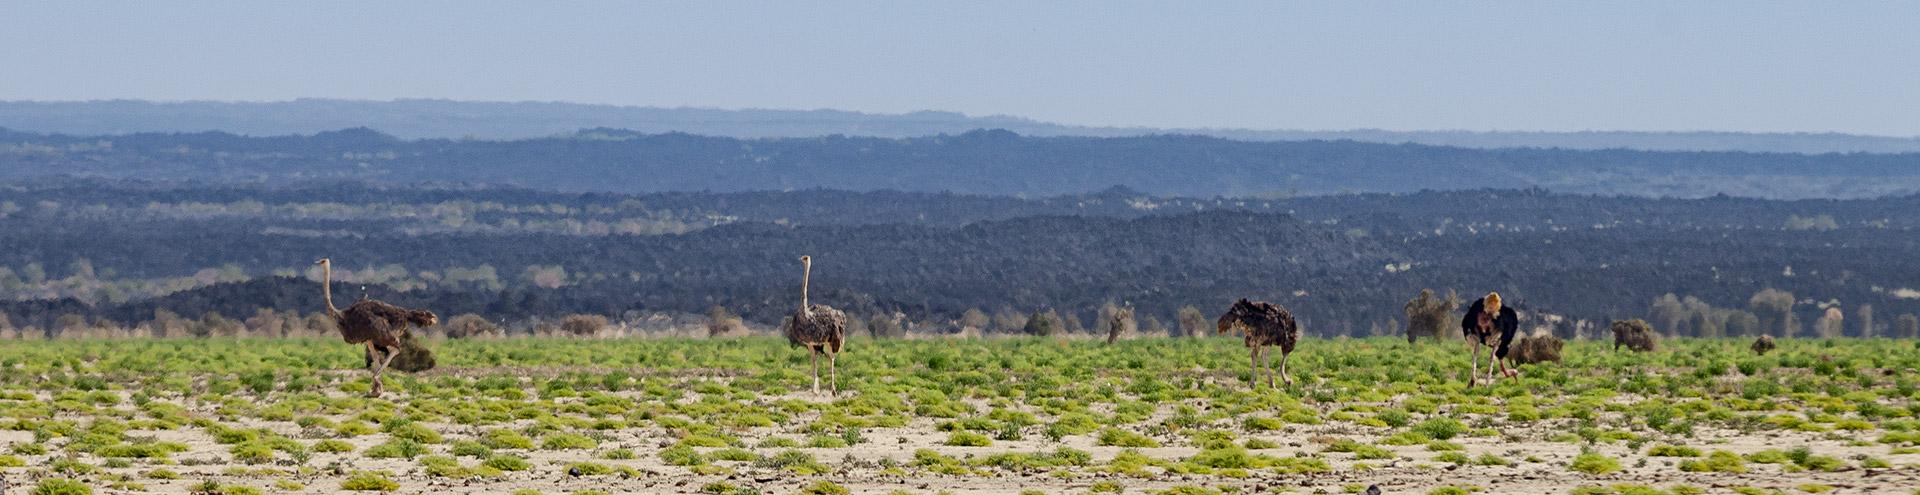 Vogelsträuße in der Danakil-Wüste